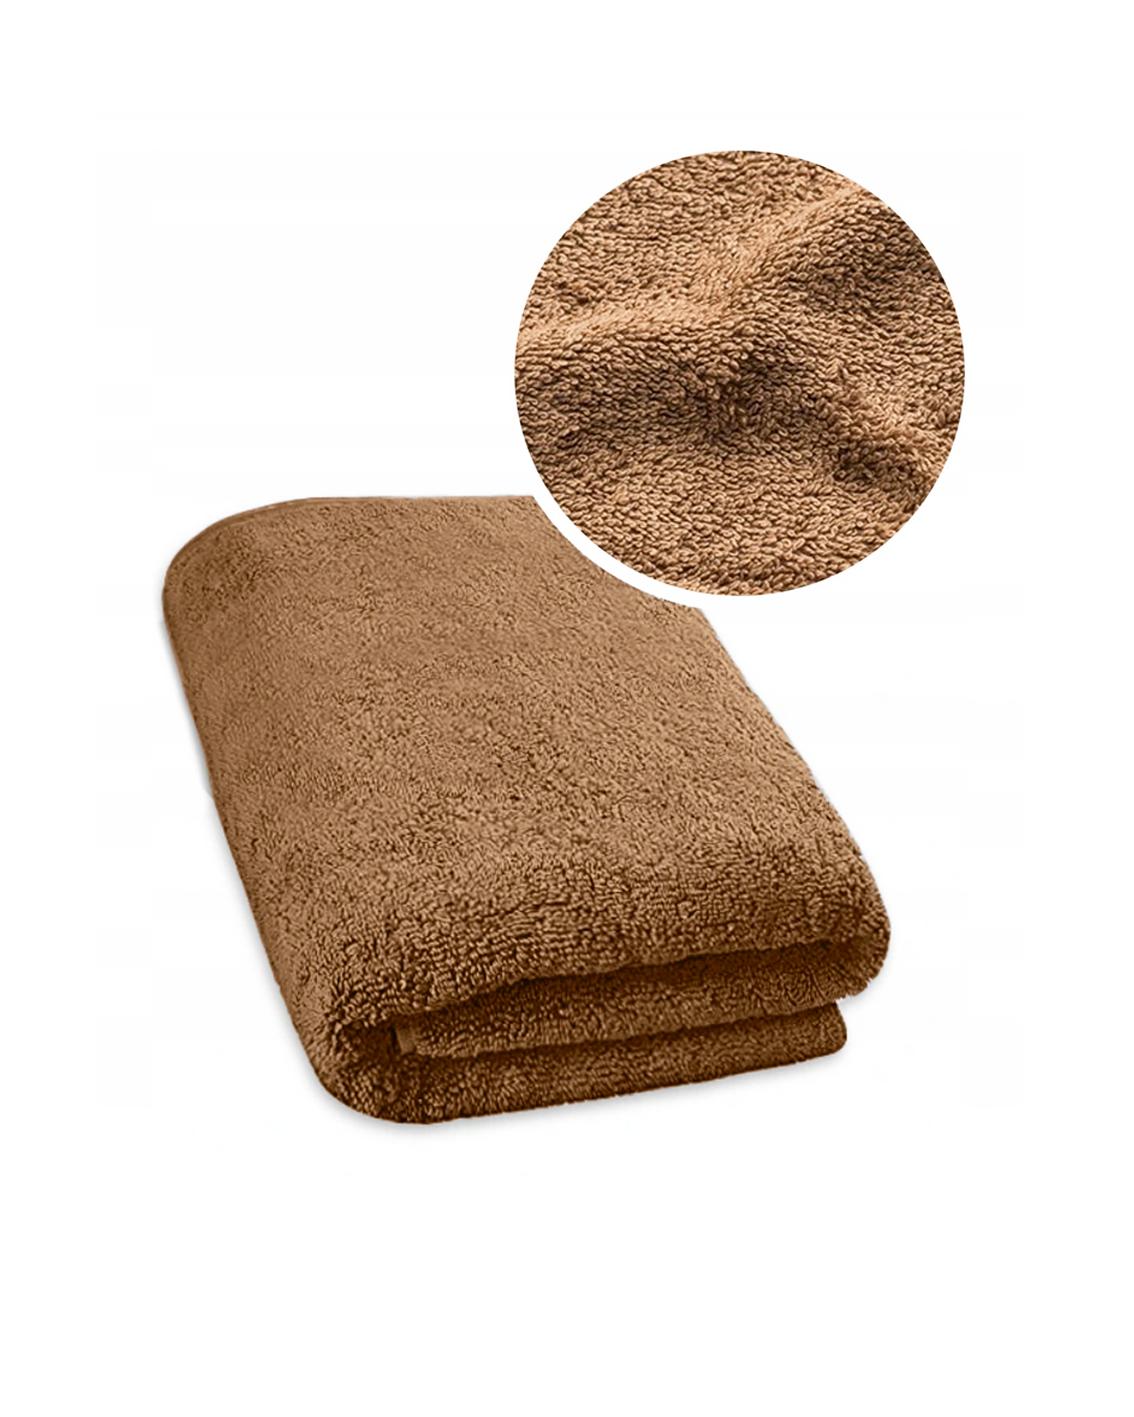 Ręcznik kompielowy frotte hotelowy 100% bawełny. gramatura 400 g. posiada certyfikat Oeko-tex. Model Tango.